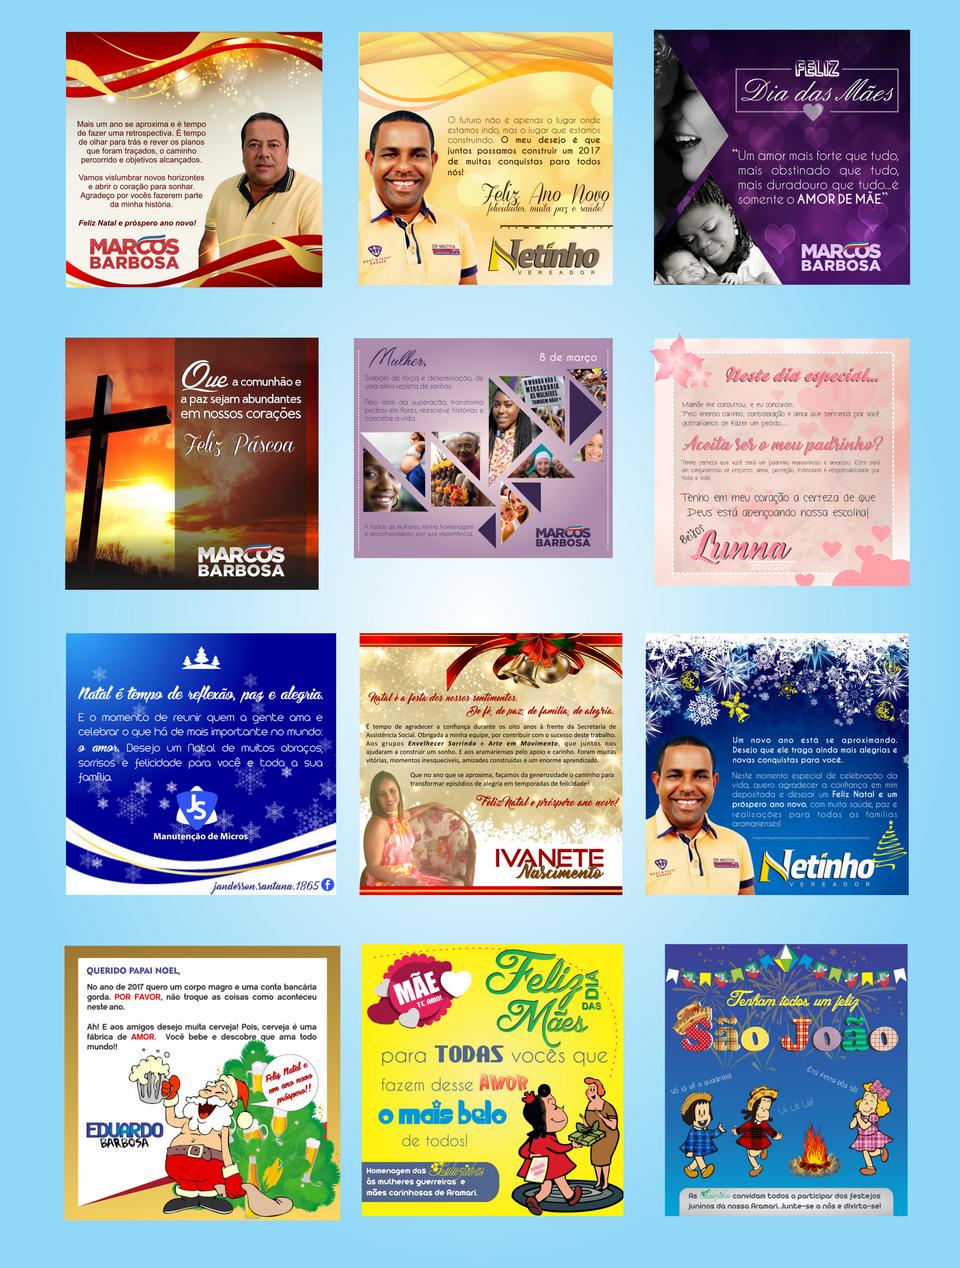 Convites, mensagens comemorativas